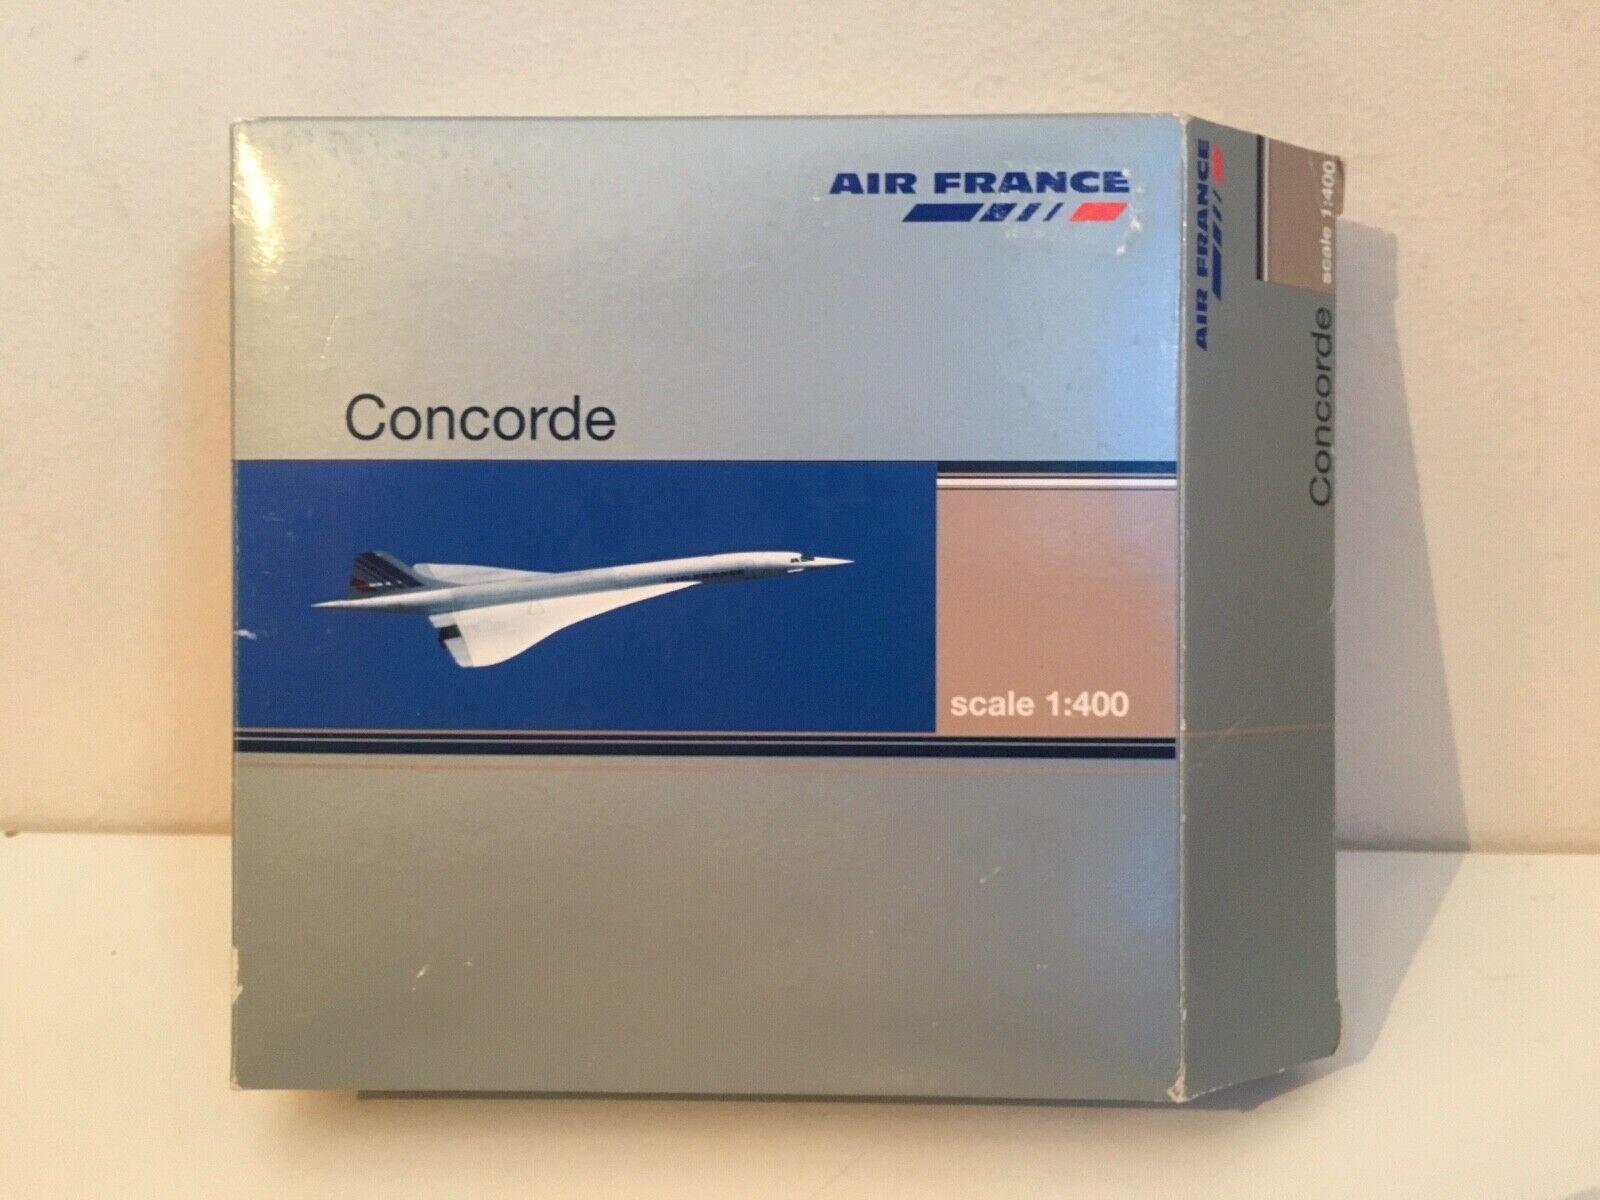 Garanzia del prezzo al 100% RARE 1 400 Socatec-Air FRANCE FRANCE FRANCE CONCORDE con la registrazione + SUPPORTO METtuttiICO  vendite calde